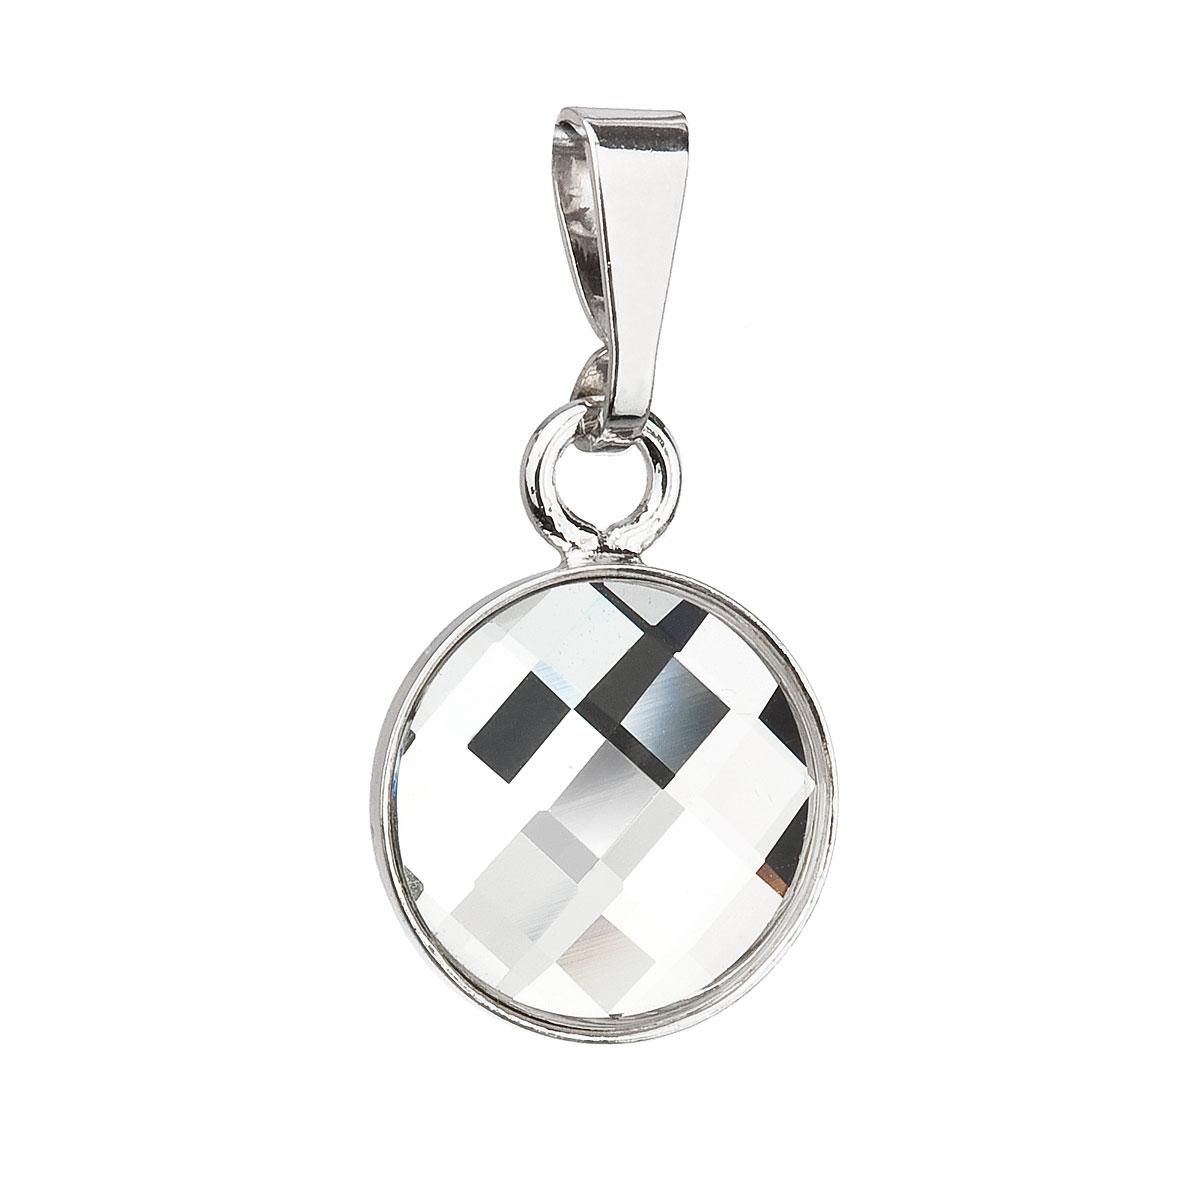 Stříbrný přívěsek s krystaly Swarovski bílý kulatý 34172.1